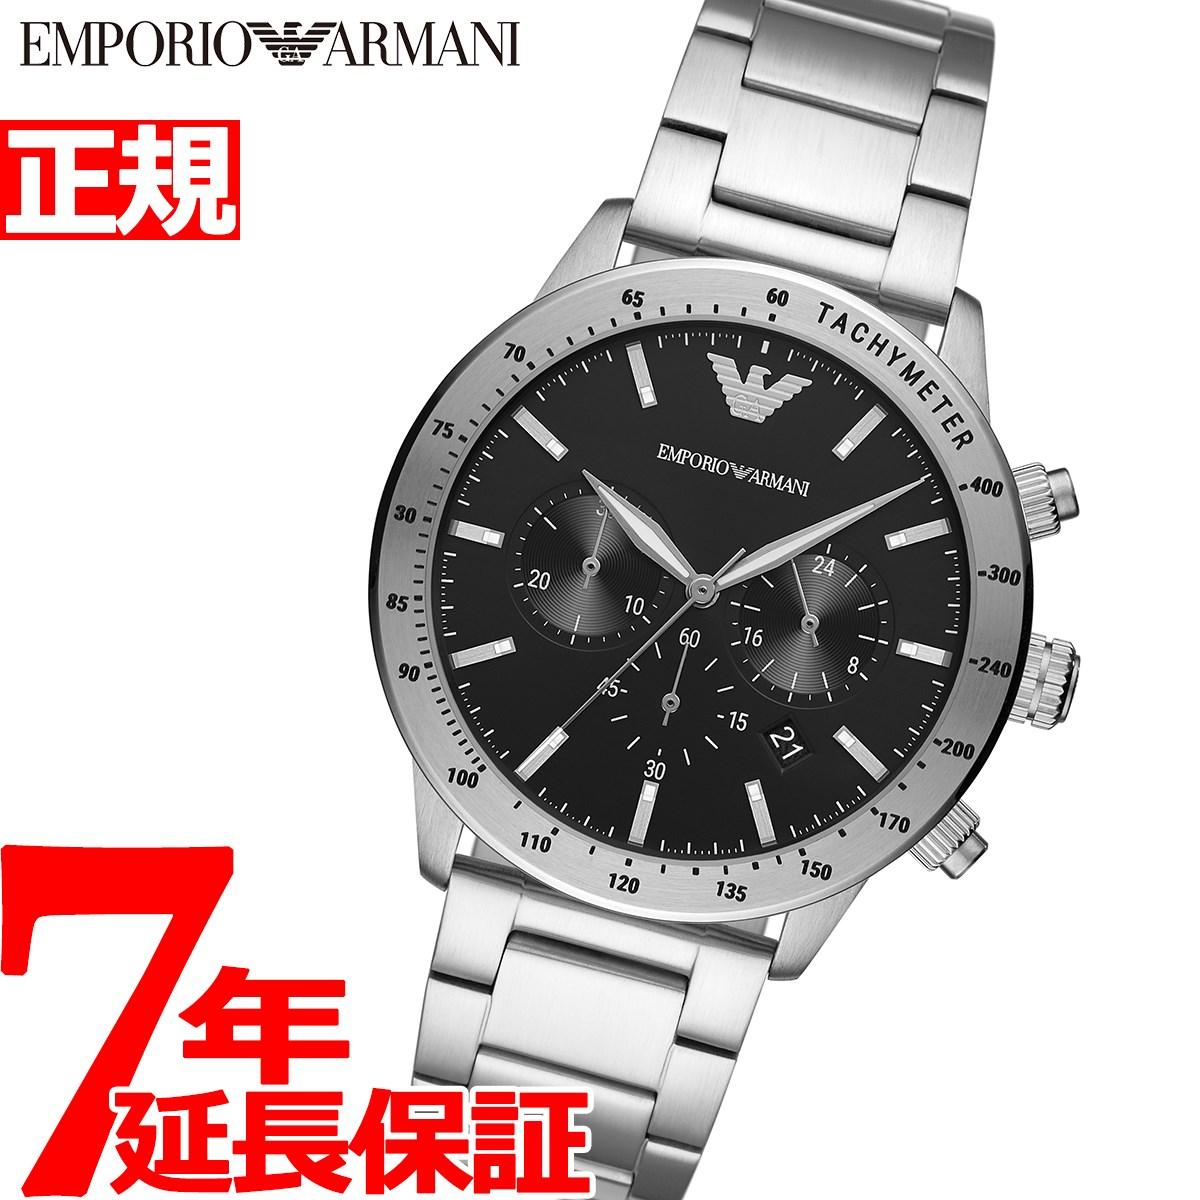 【5日0時~♪10%OFFクーポン&店内ポイント最大51倍!5日23時59分まで】エンポリオアルマーニ EMPORIO ARMANI 腕時計 メンズ クロノグラフ AR11241